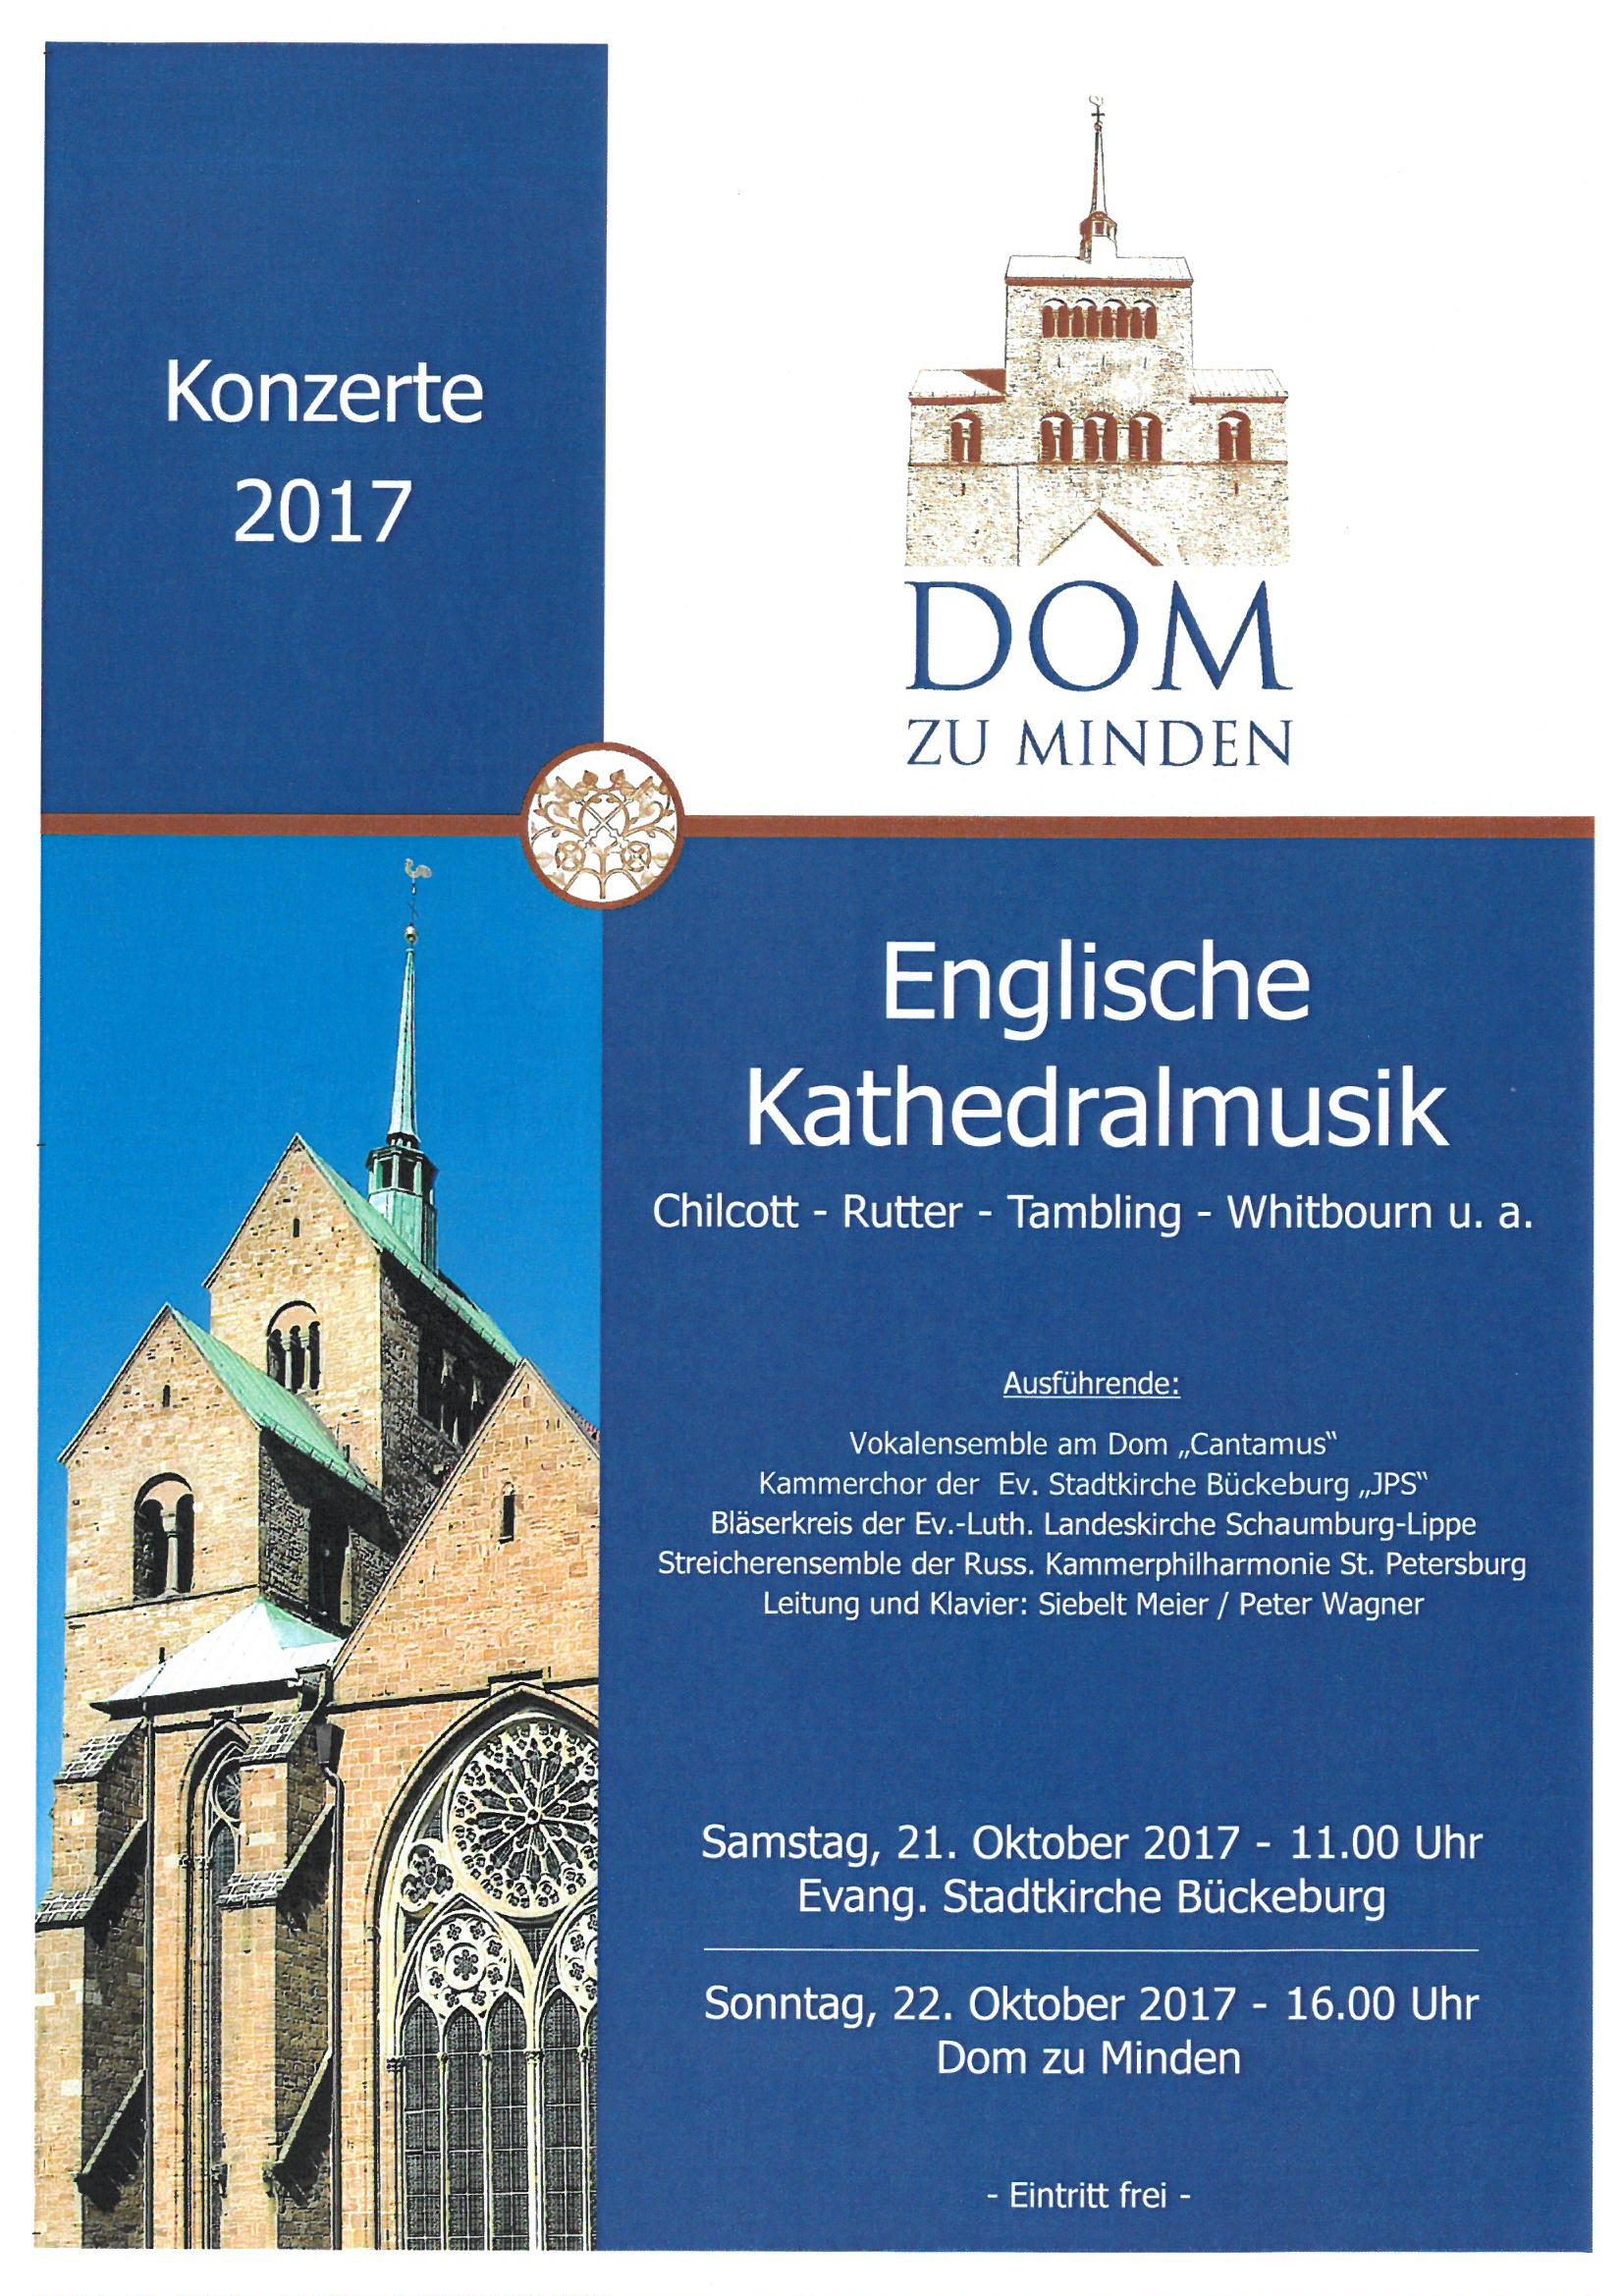 Englische Kathedralmusik am 22. Oktober 2017 um 16.00 Uhr